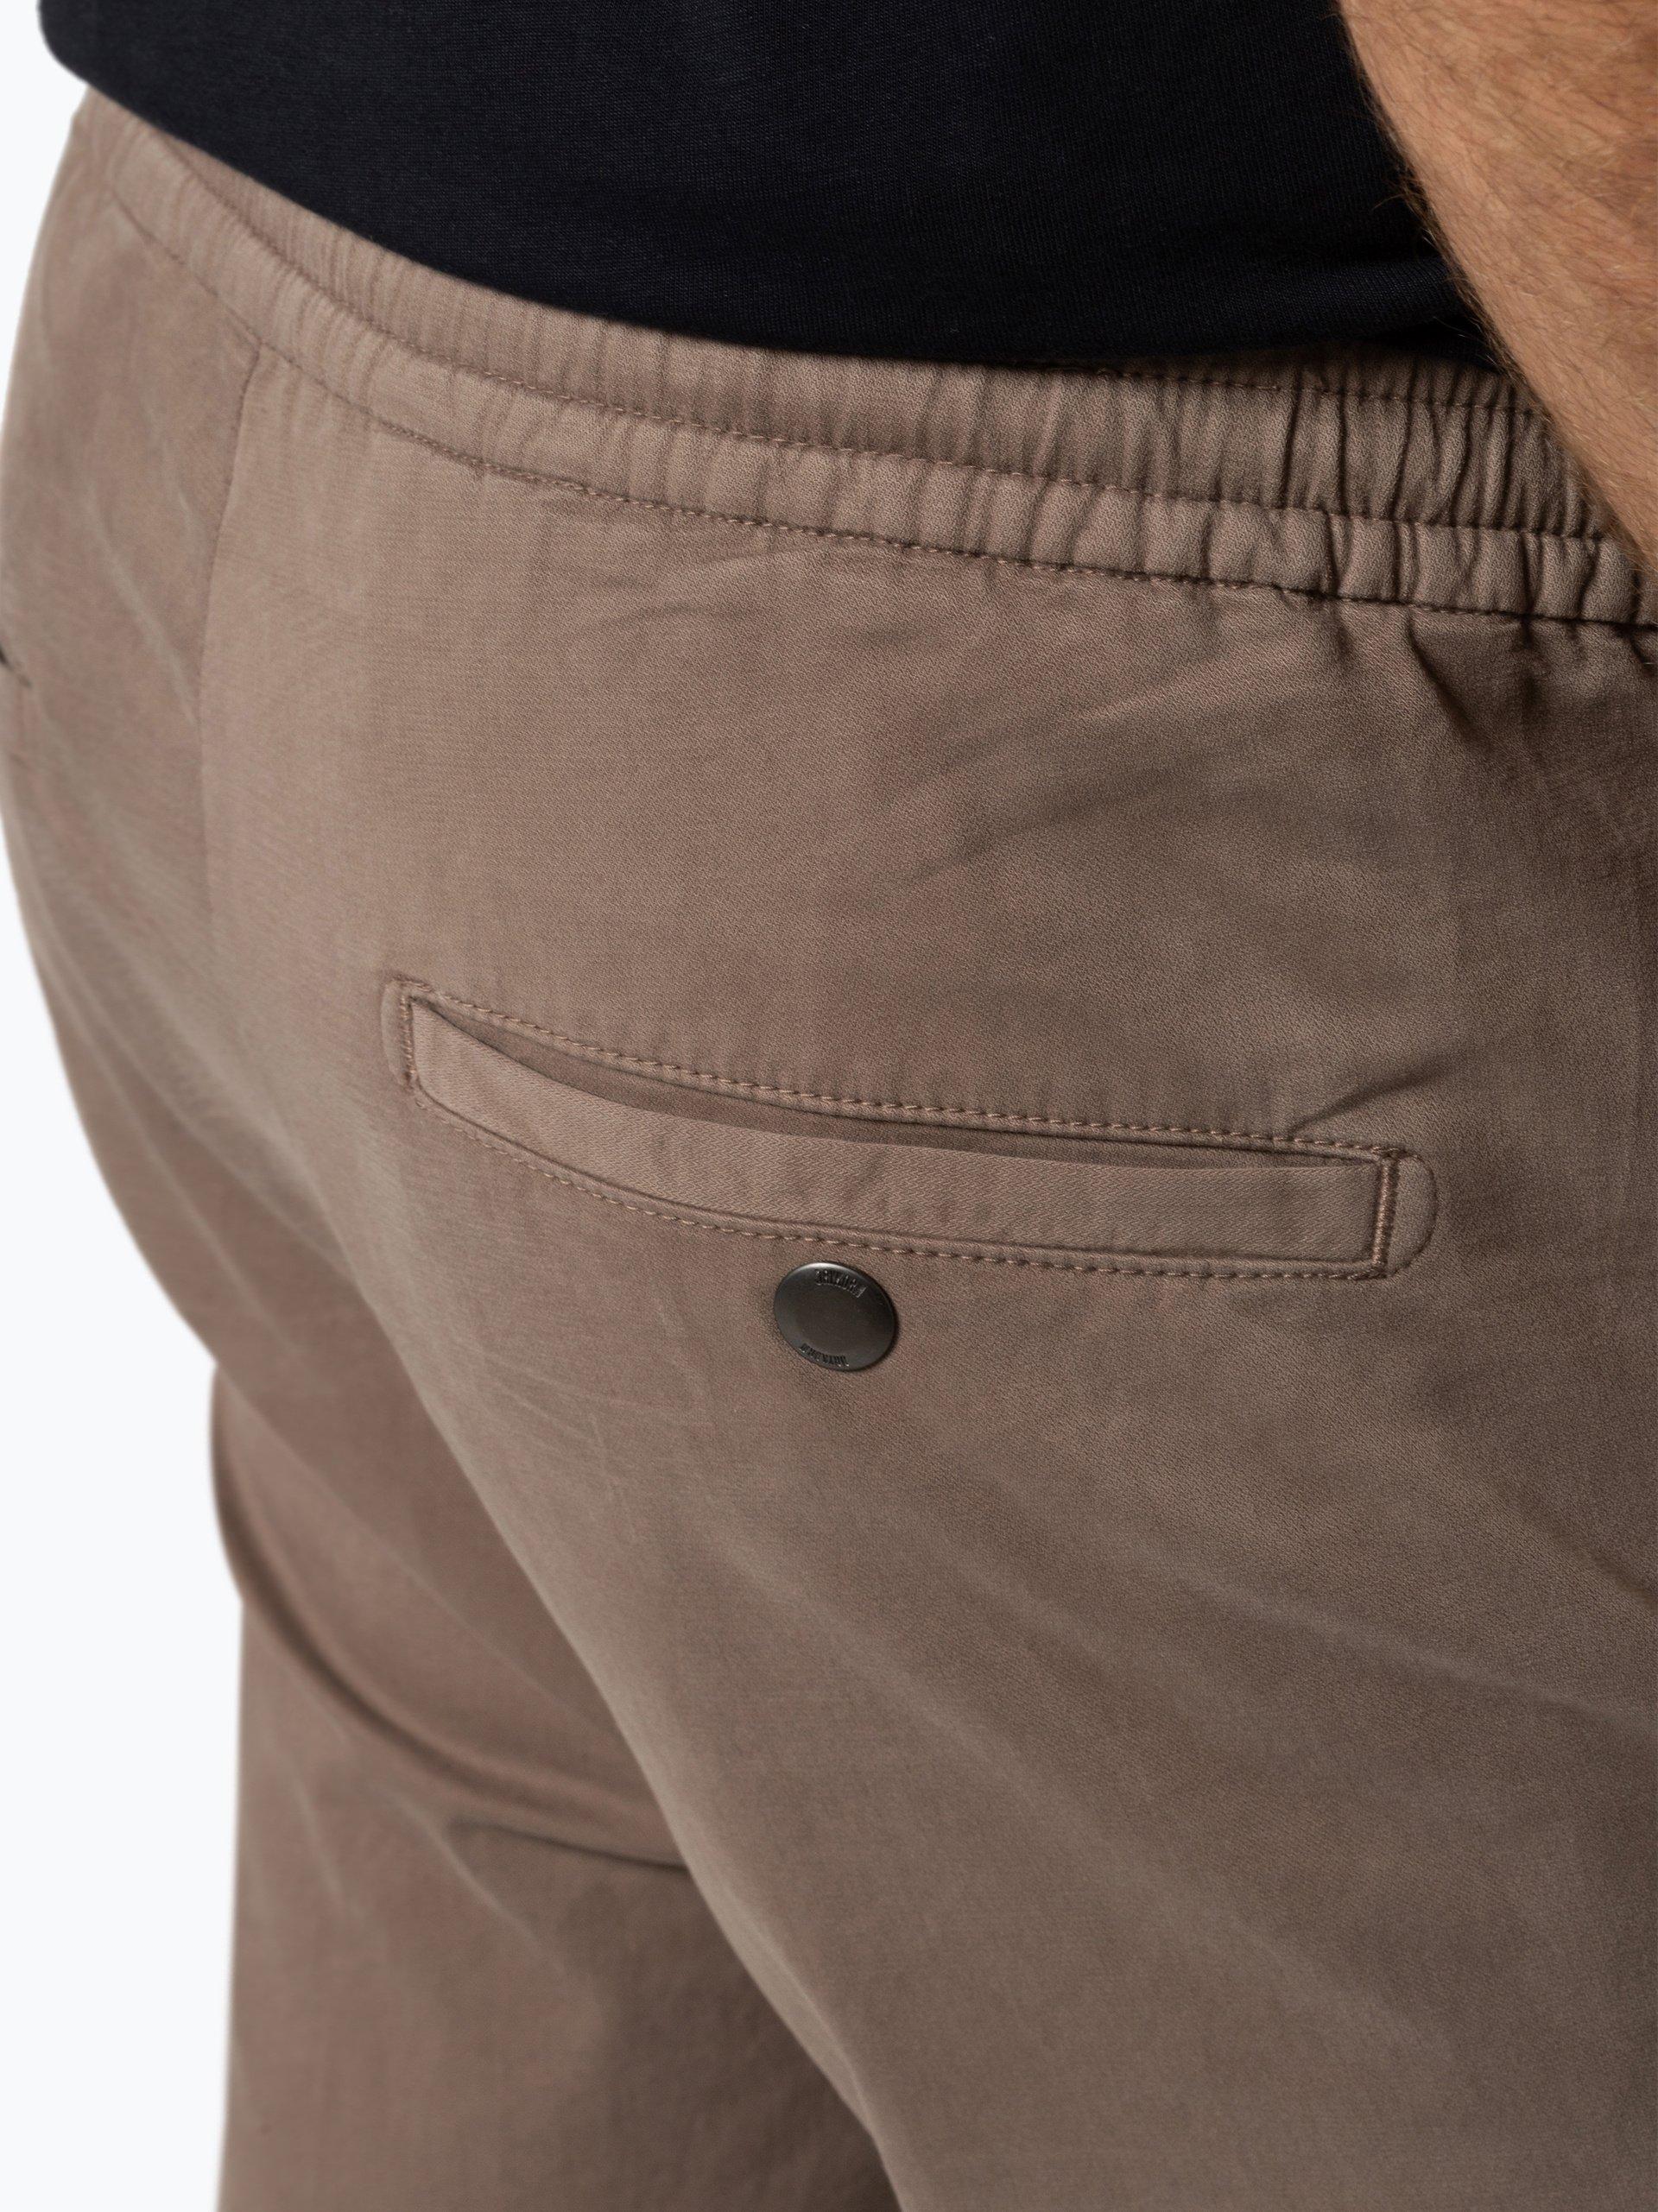 Drykorn Spodnie męskie – Jeger